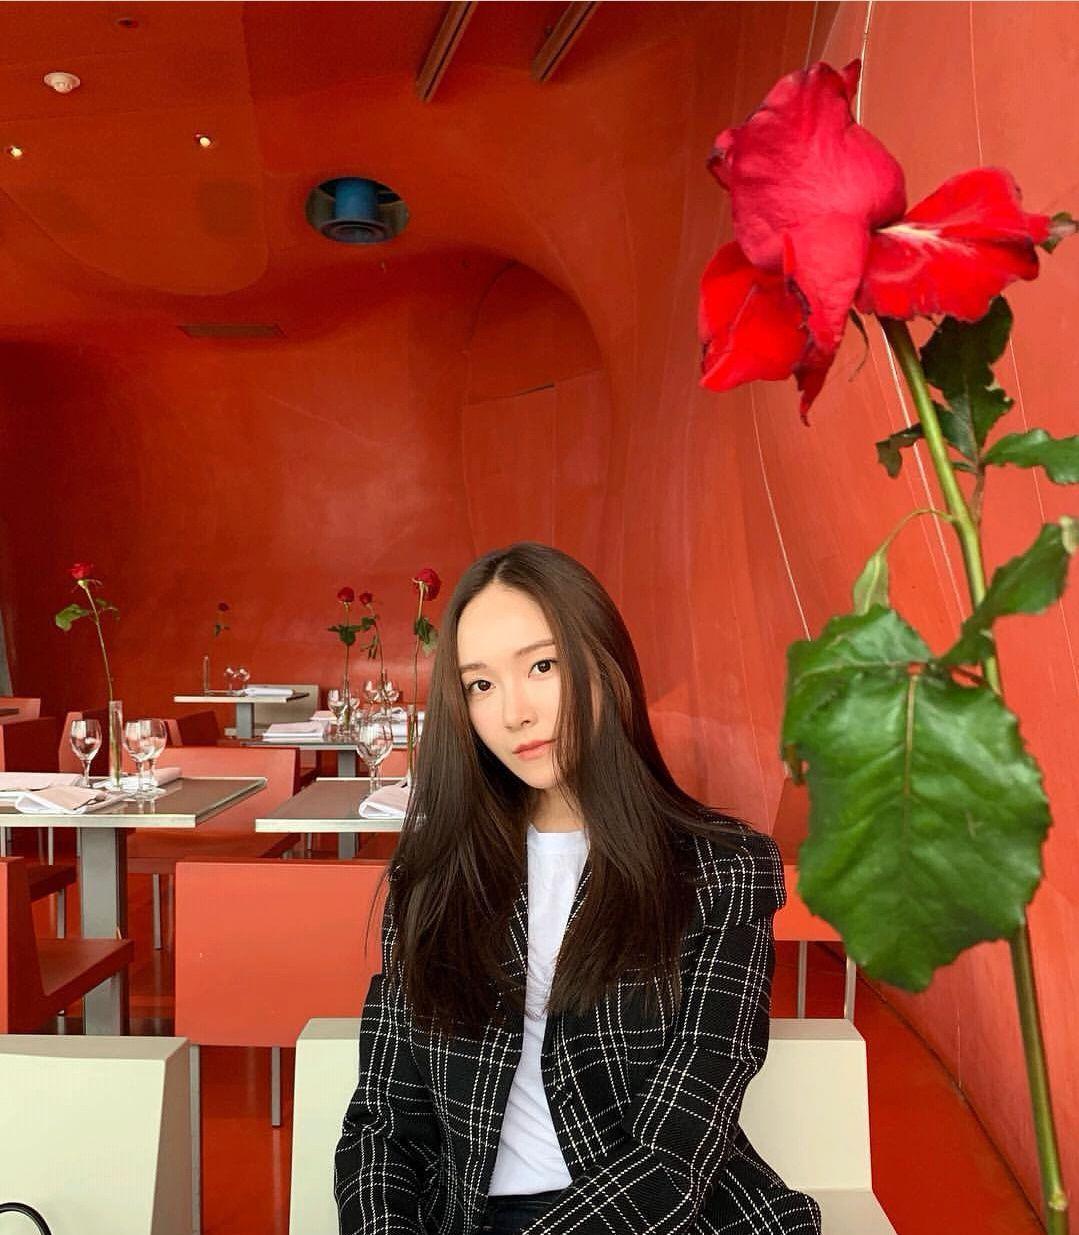 郑秀妍的巴黎时装周:出彩装扮力压众韩星,工作享受两不误